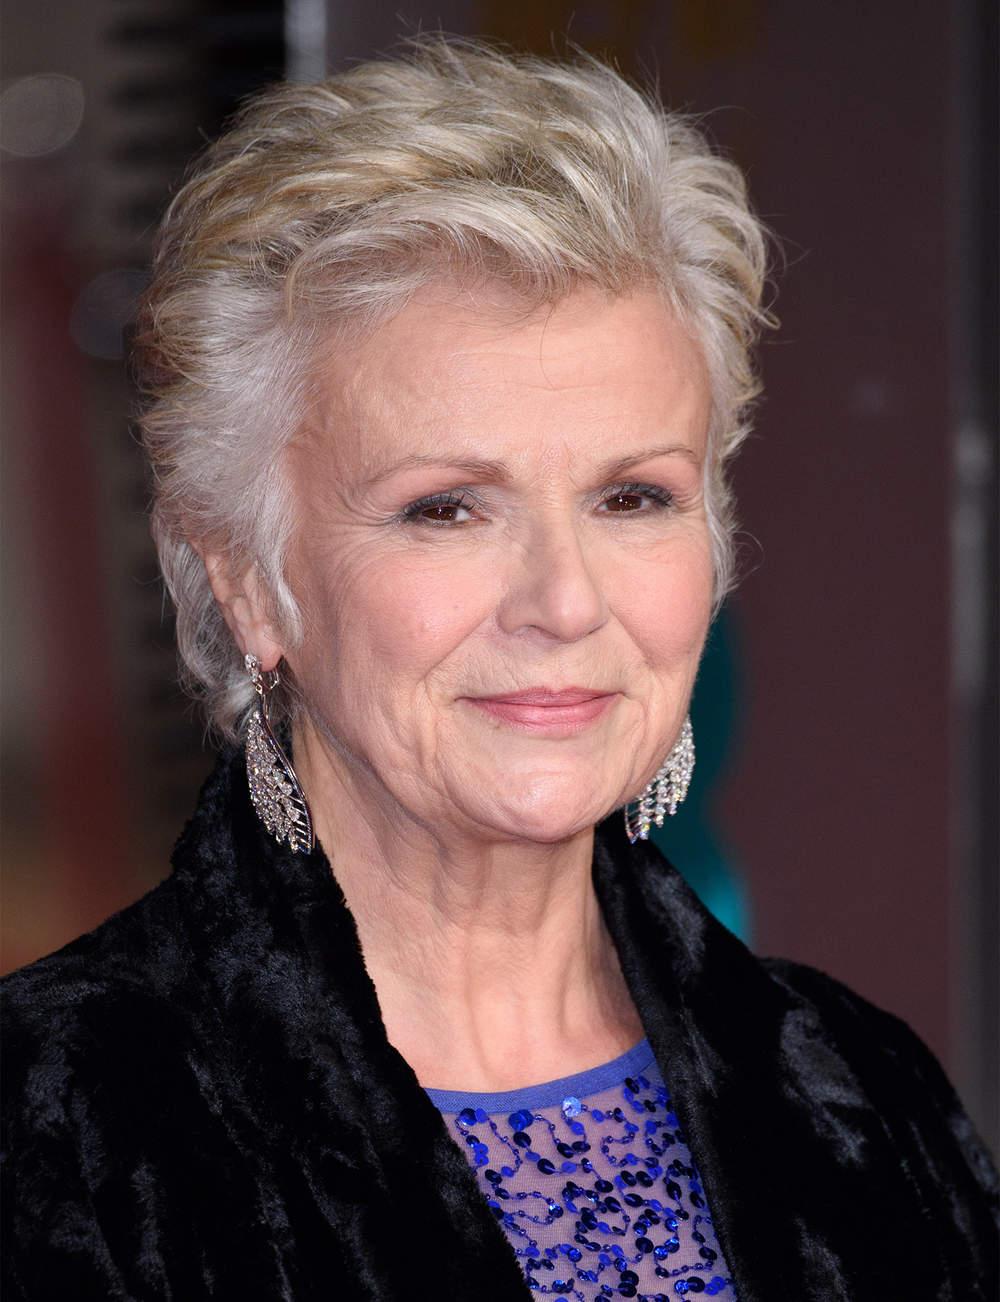 coiffure courte femme plus de 60 ans